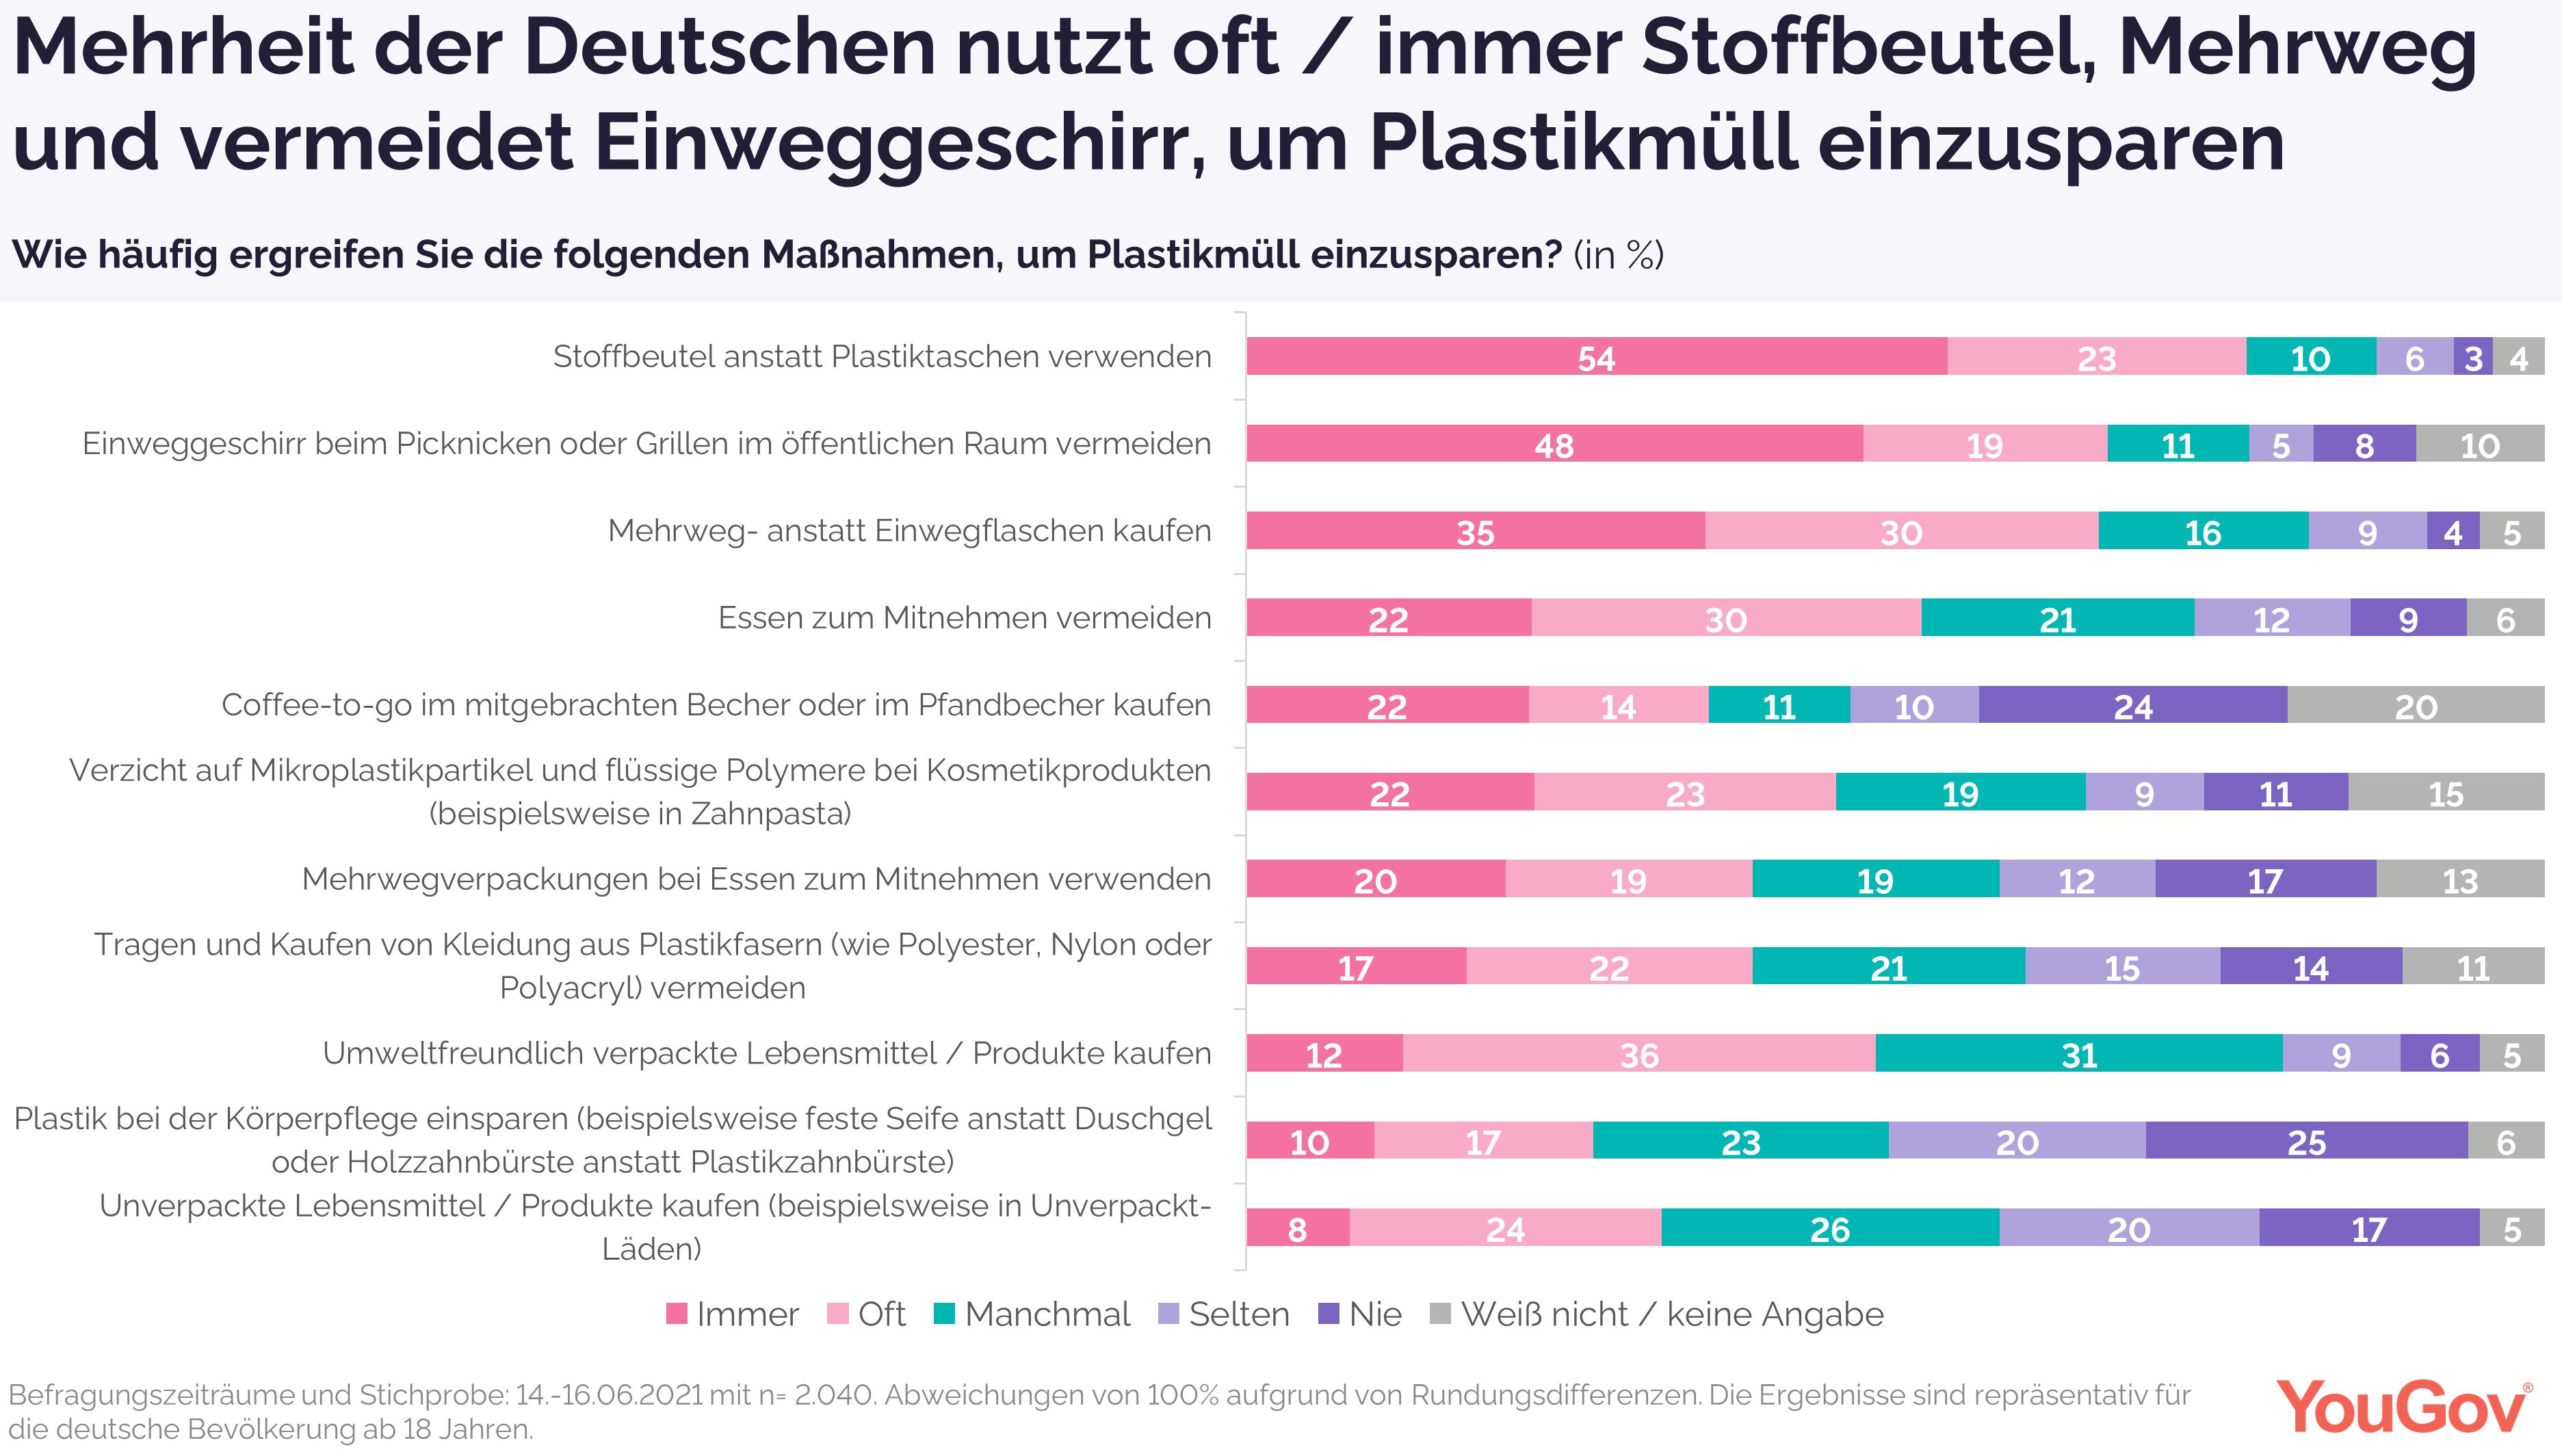 Mehrheit der Deutschen nutzt oft / immer Stoffbeutel, Mehrweg und vermeidet Einweggeschirr, um Plastikmüll einzusparen